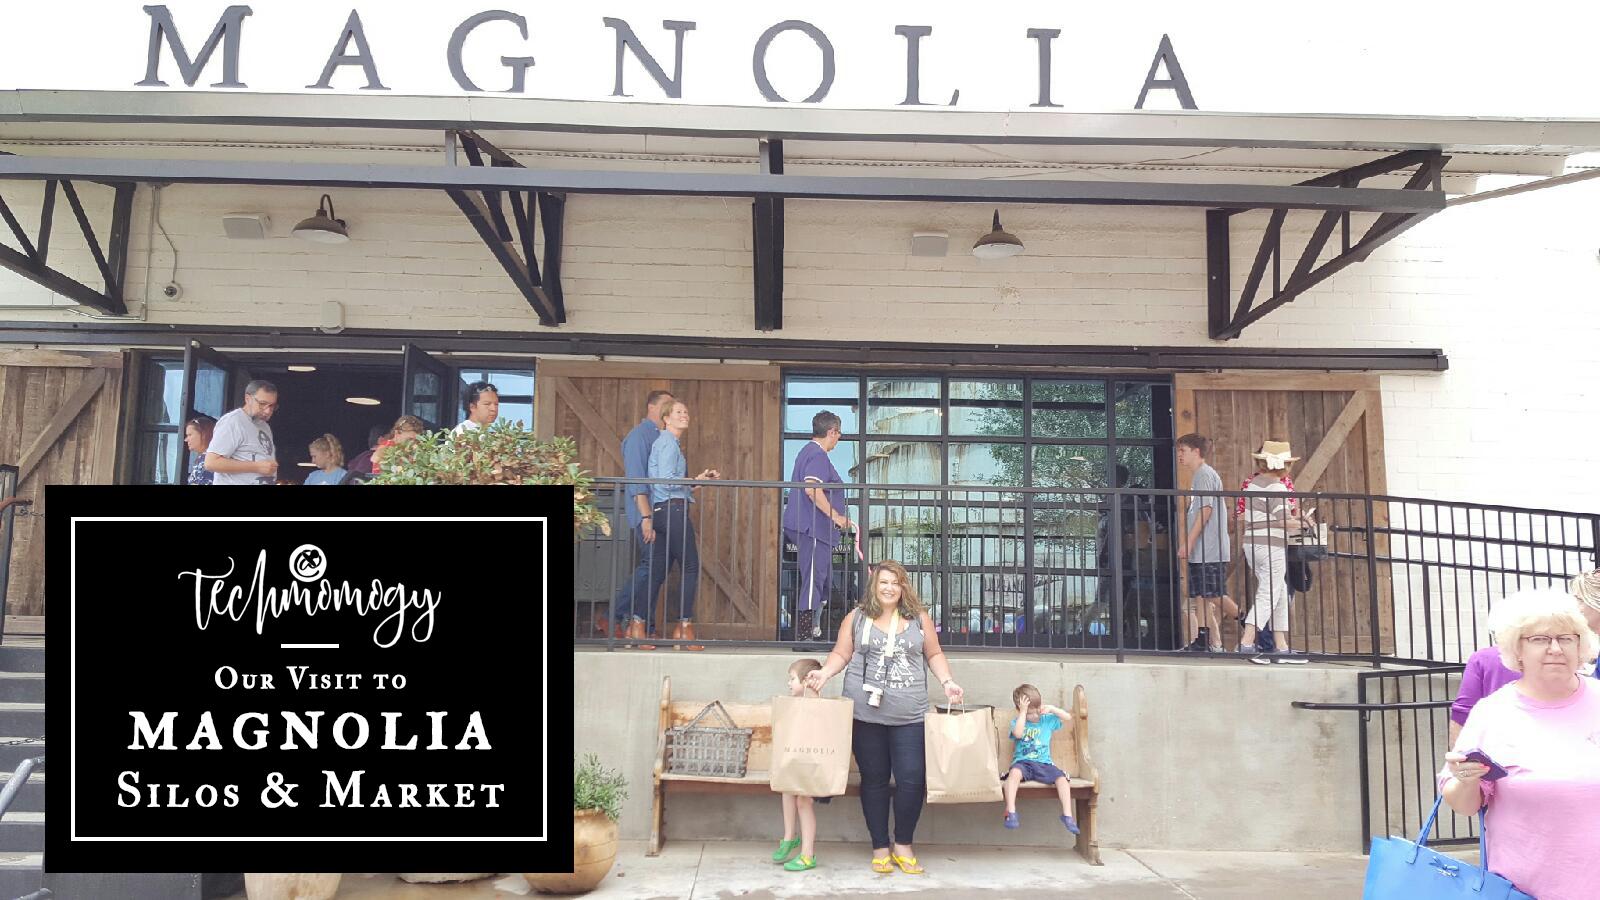 our-visit-to-magnolia-silos-market-techmomogy